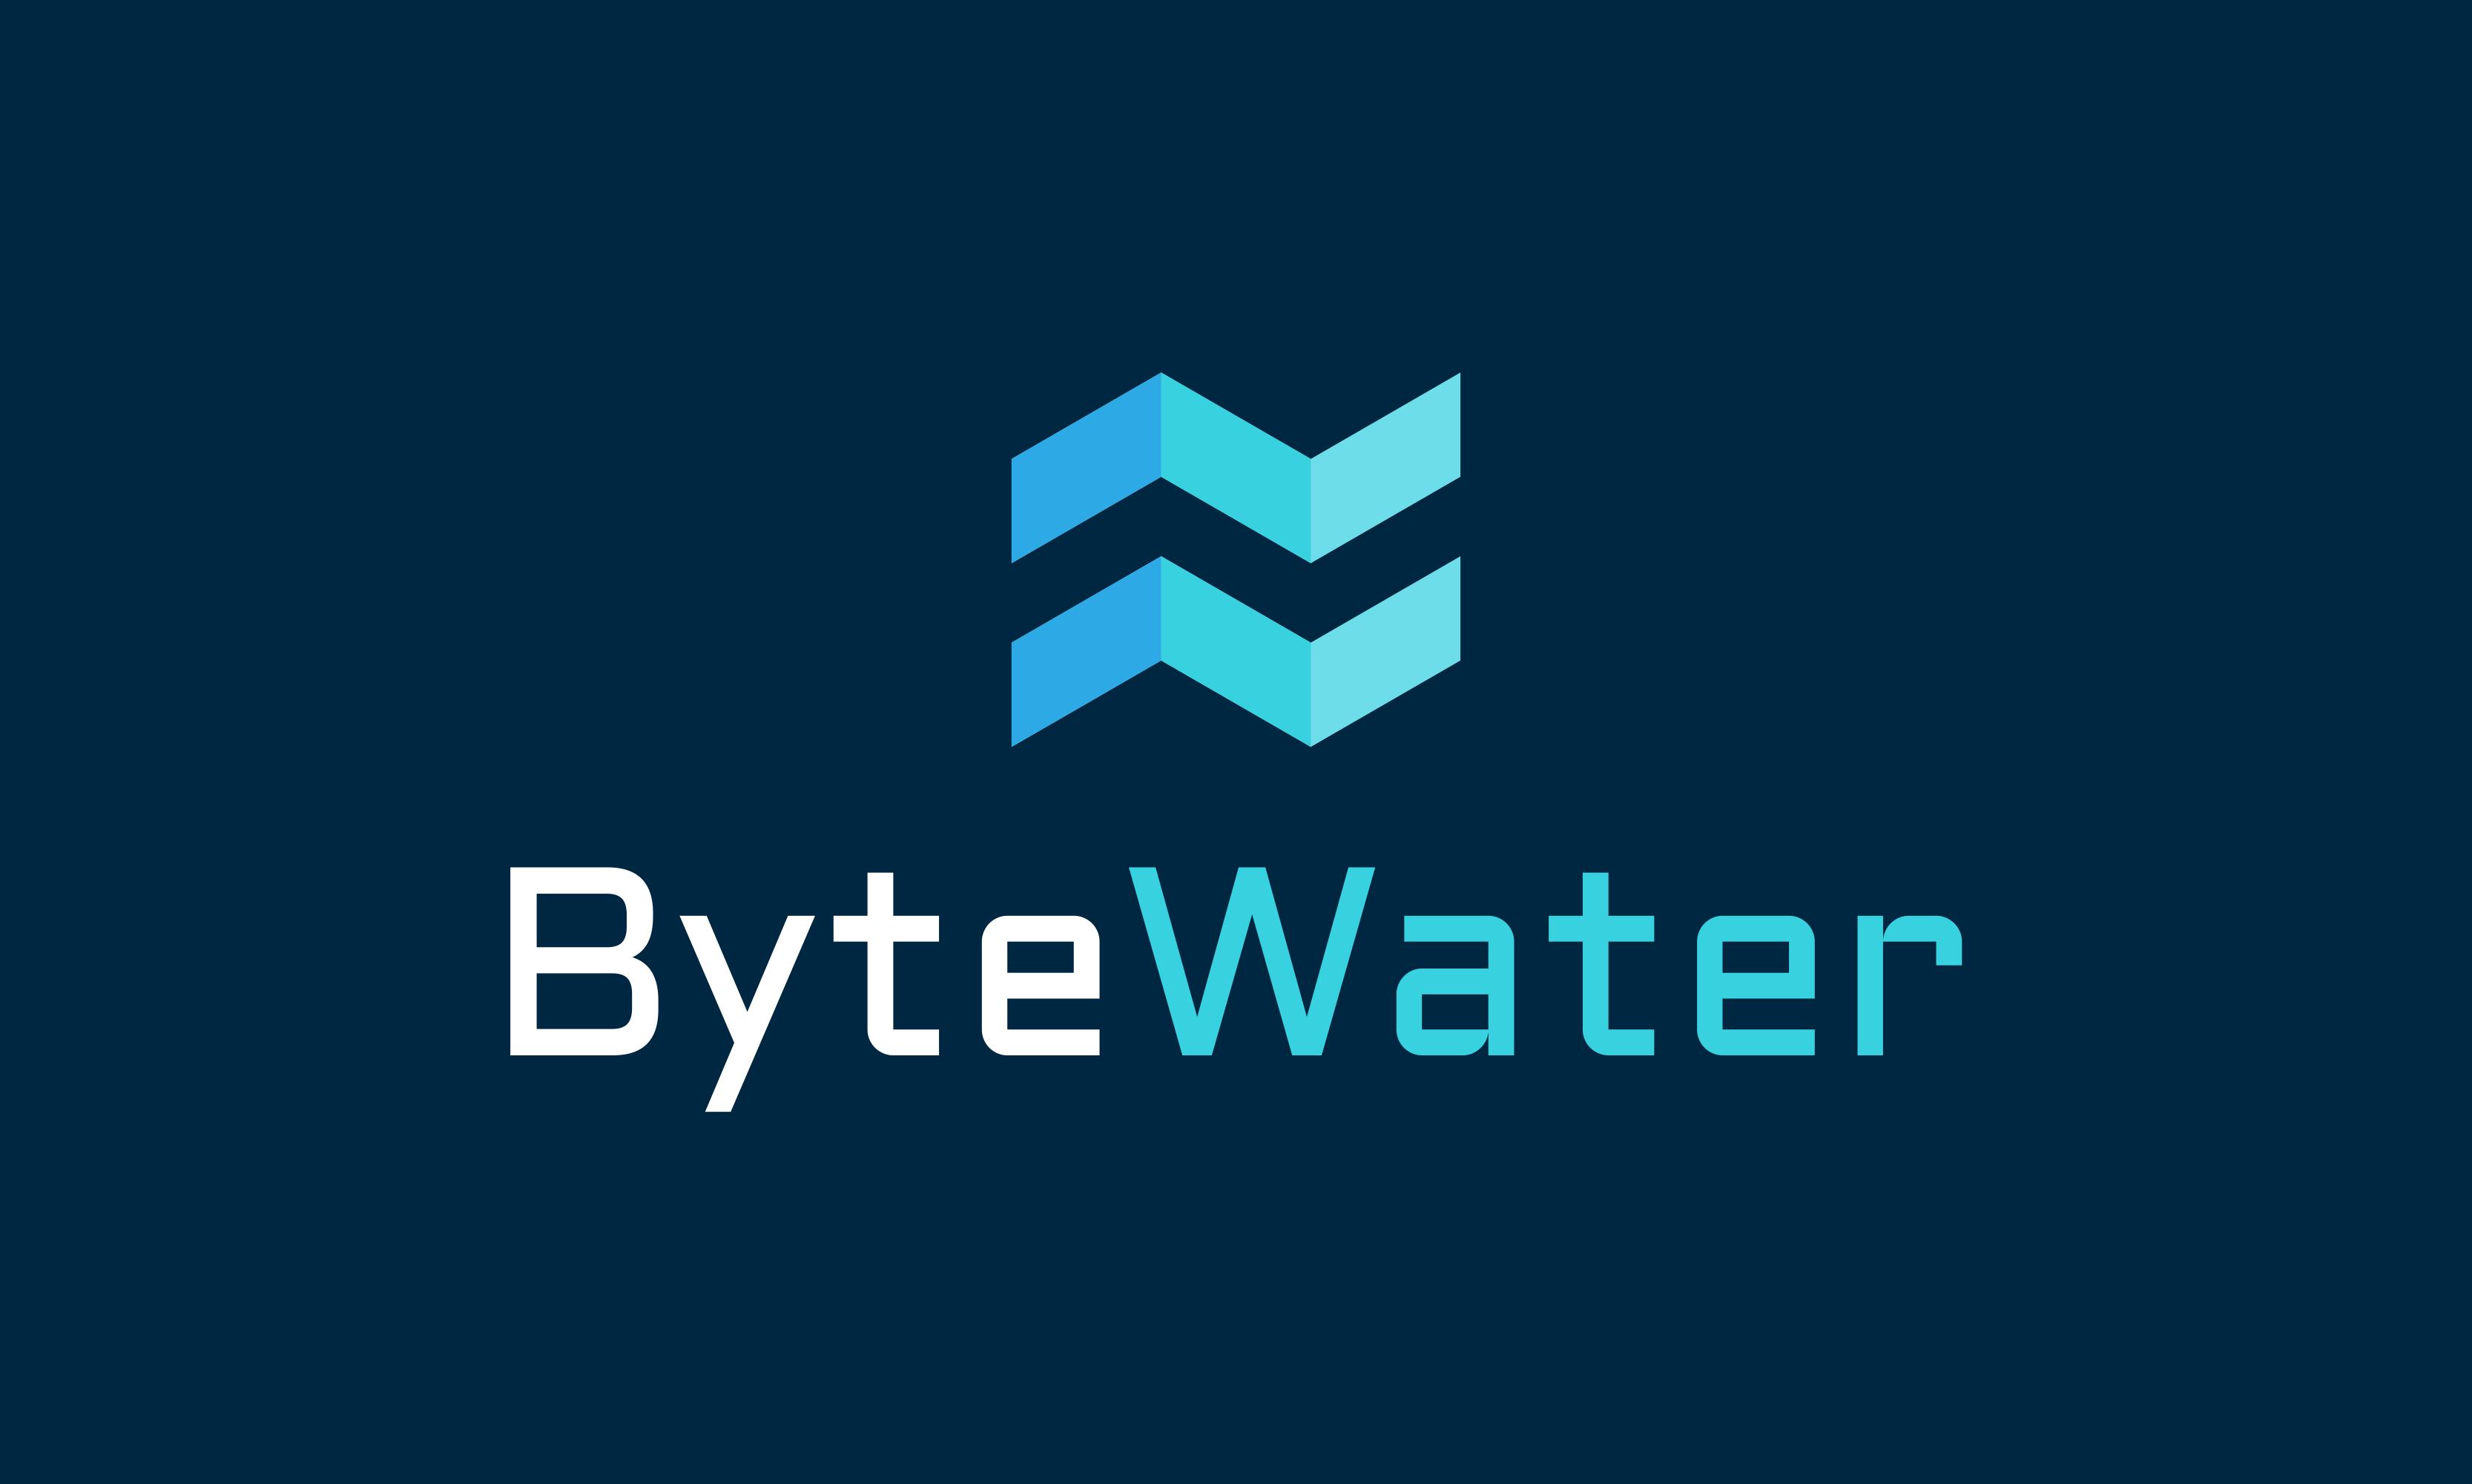 Bytewater